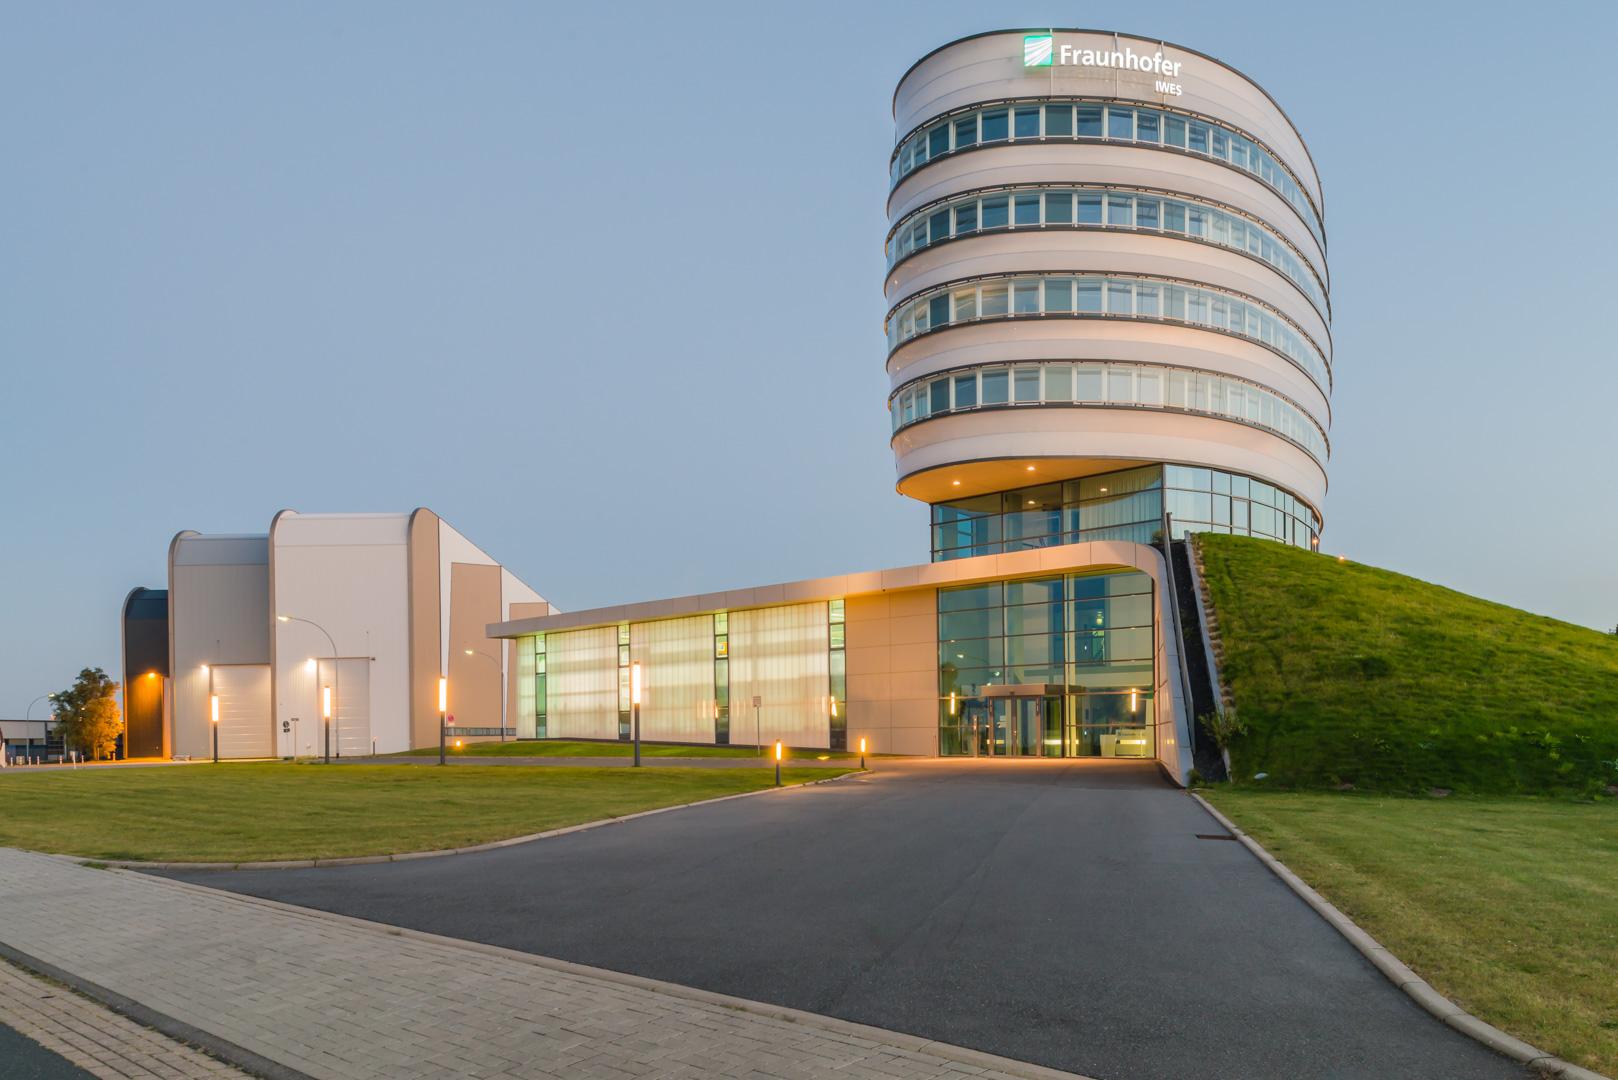 Das Fraunhofer Institut für Windenergie in Bremerhaven